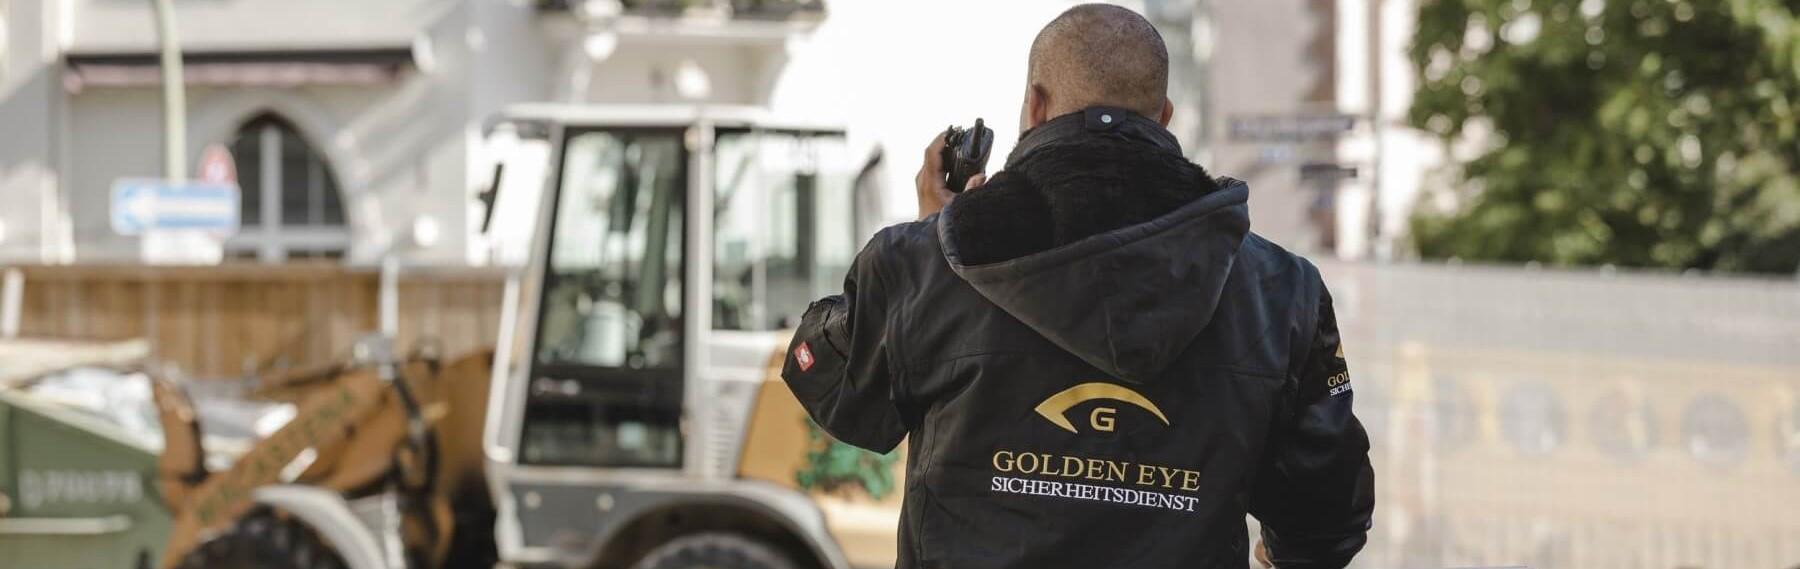 Sicherheitsdienst Frankfurt & bundesweit